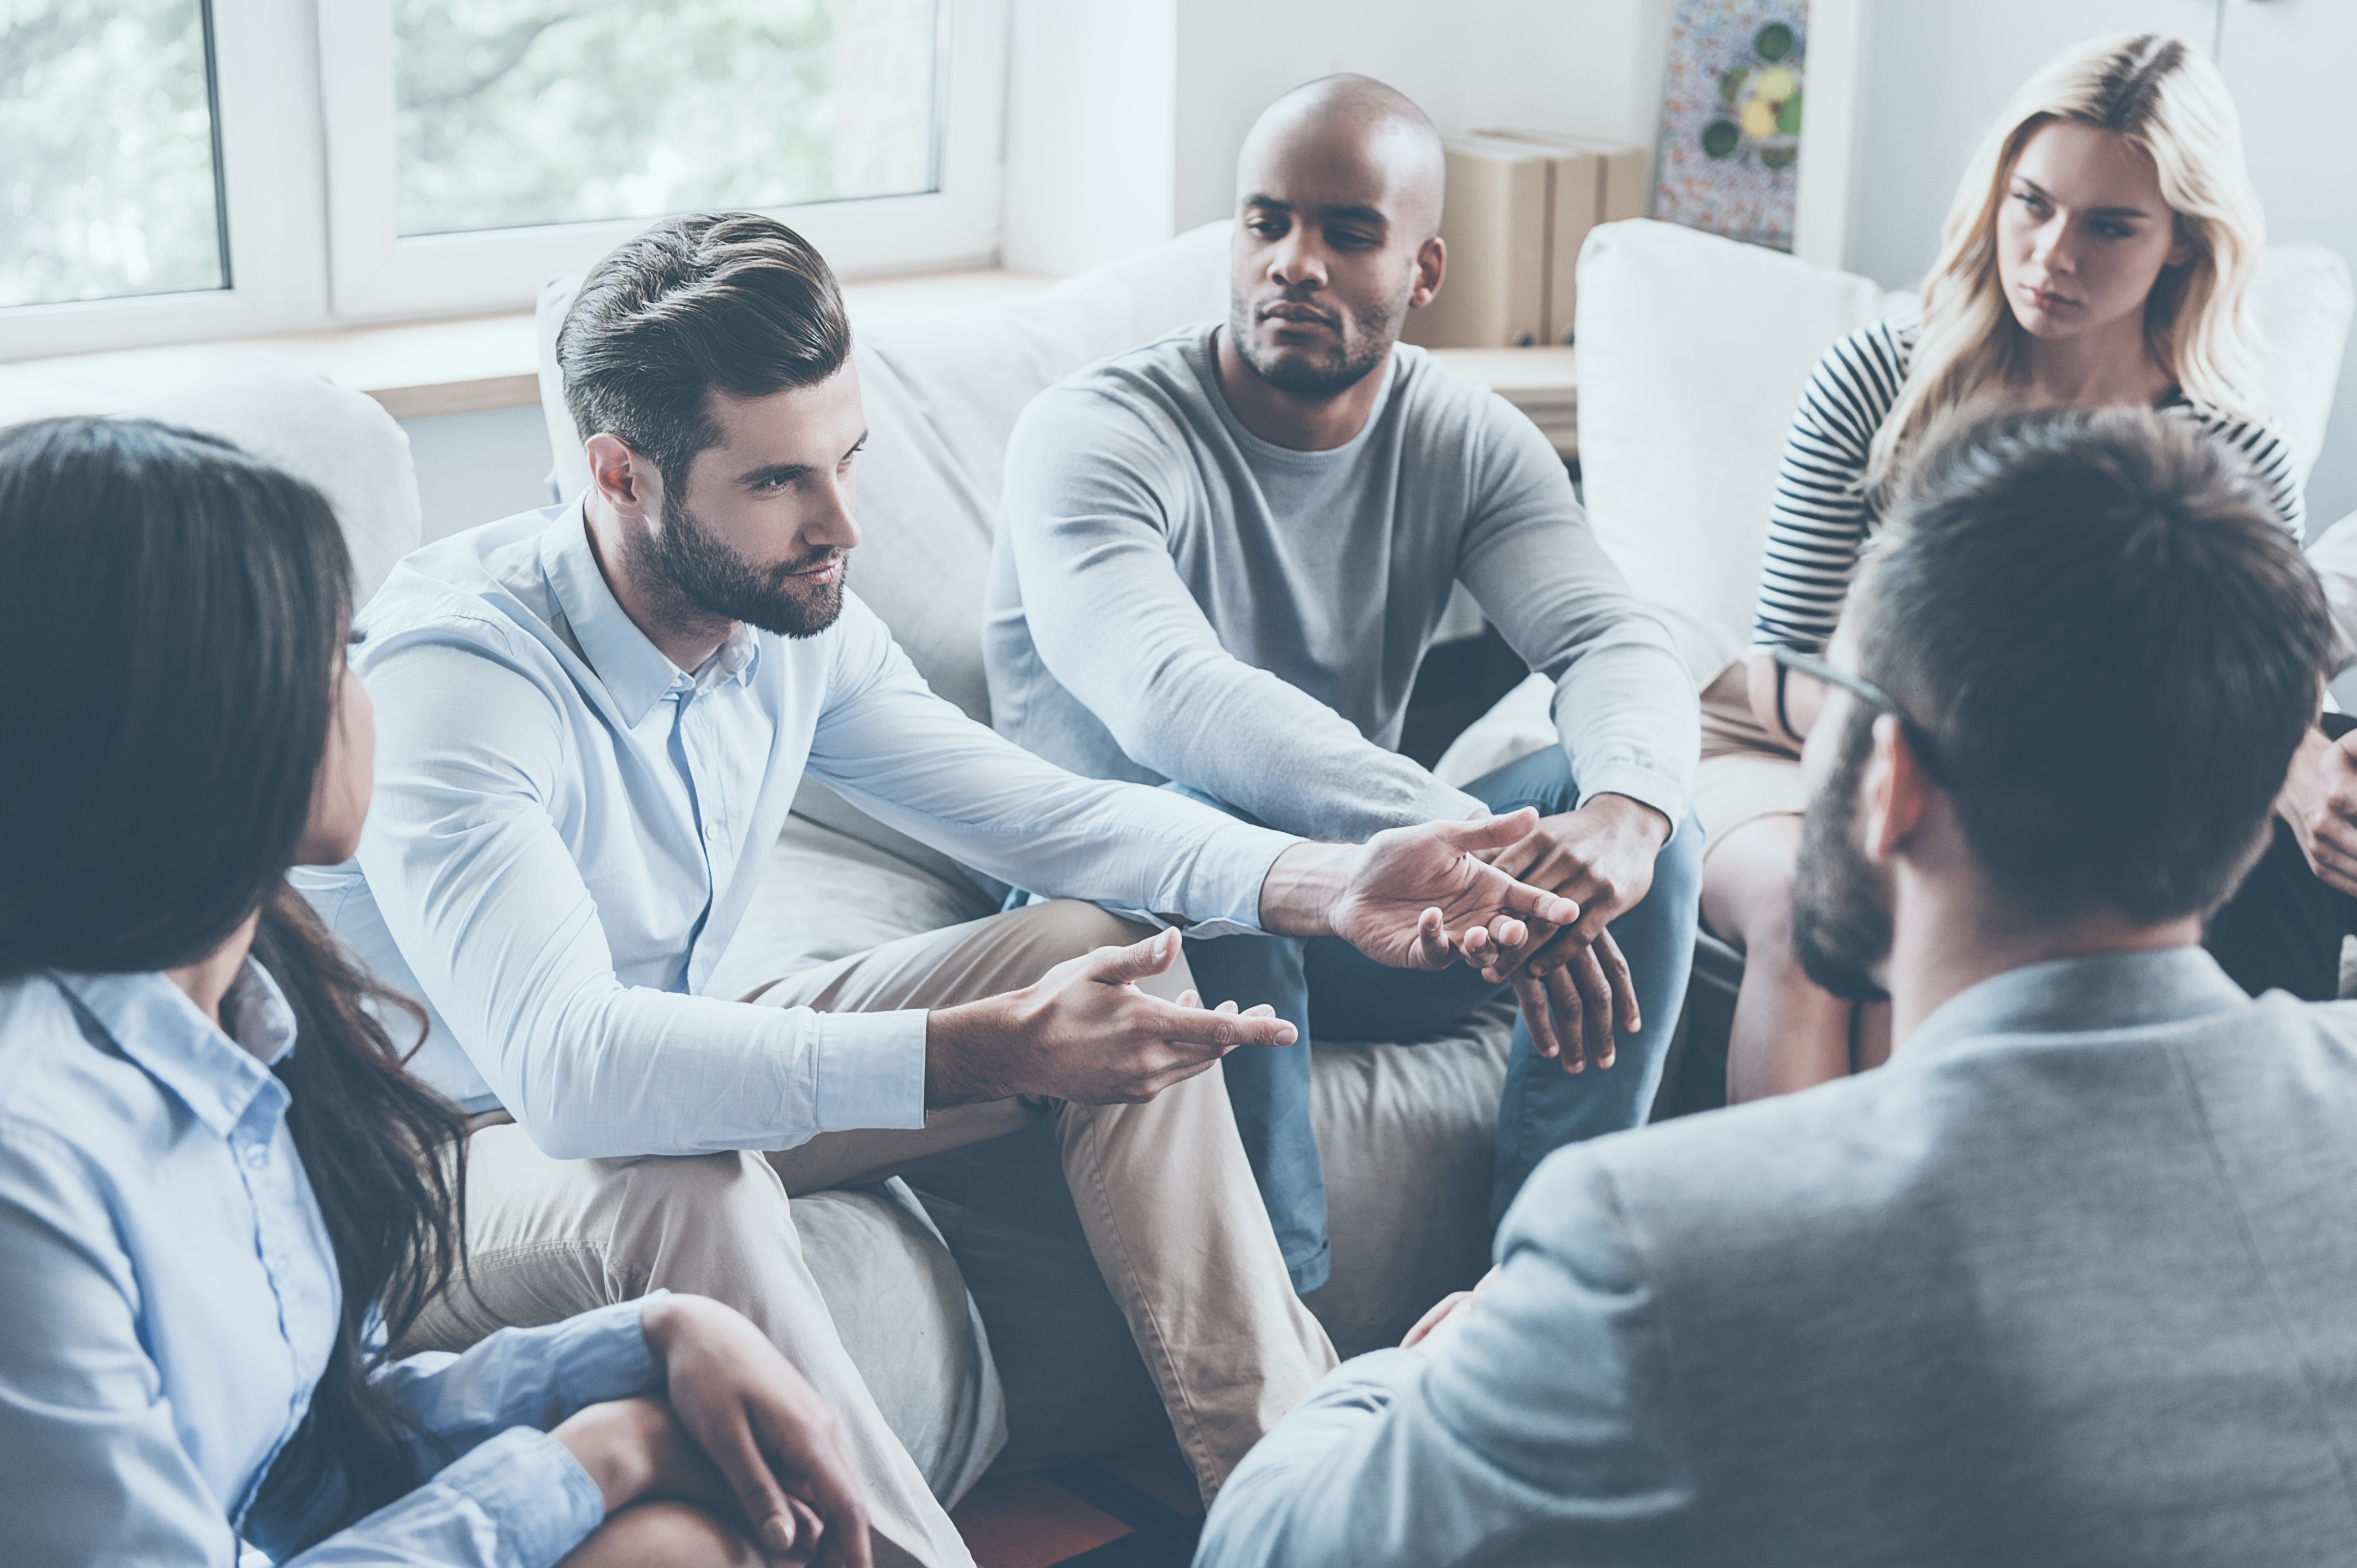 group of people speaking